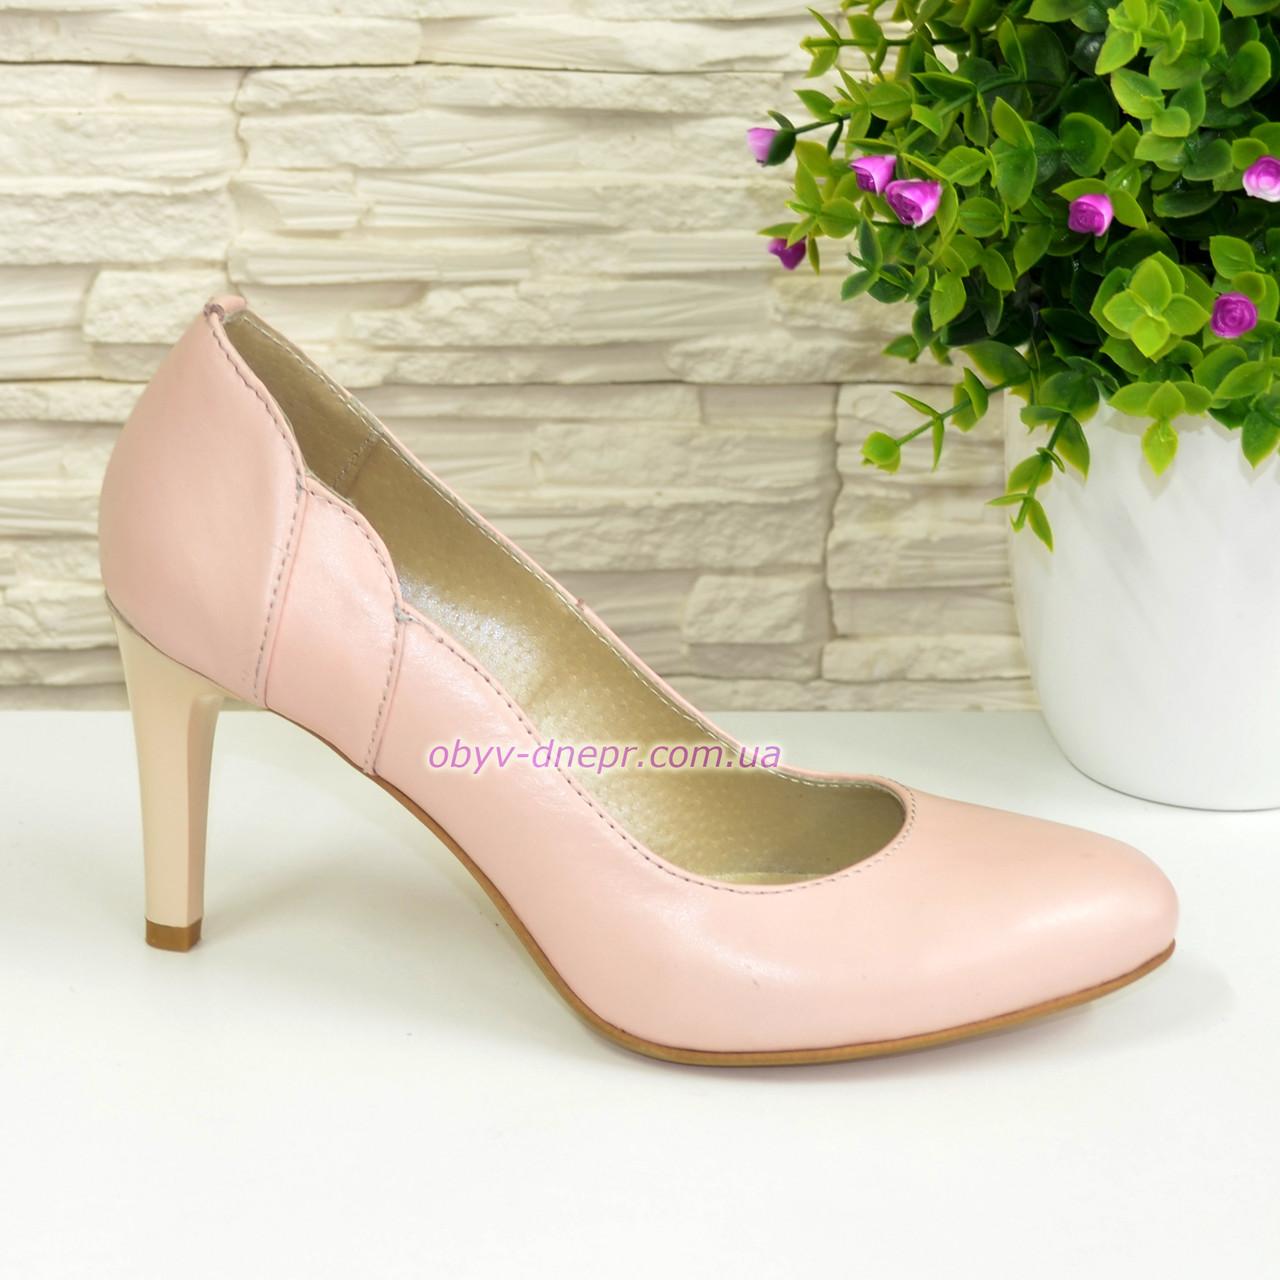 Женские классические кожаные туфли на шпильке, цвет пудра